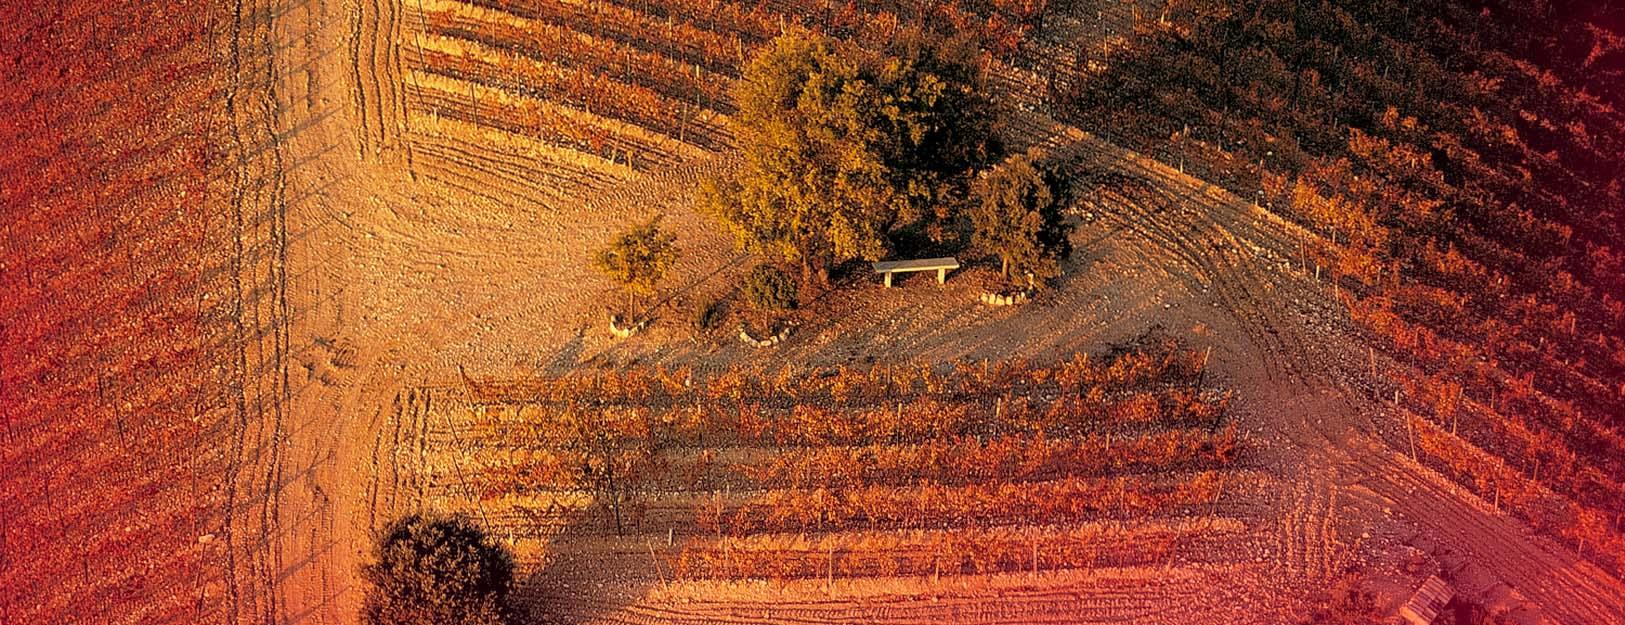 Nuestras viñas del Somontano